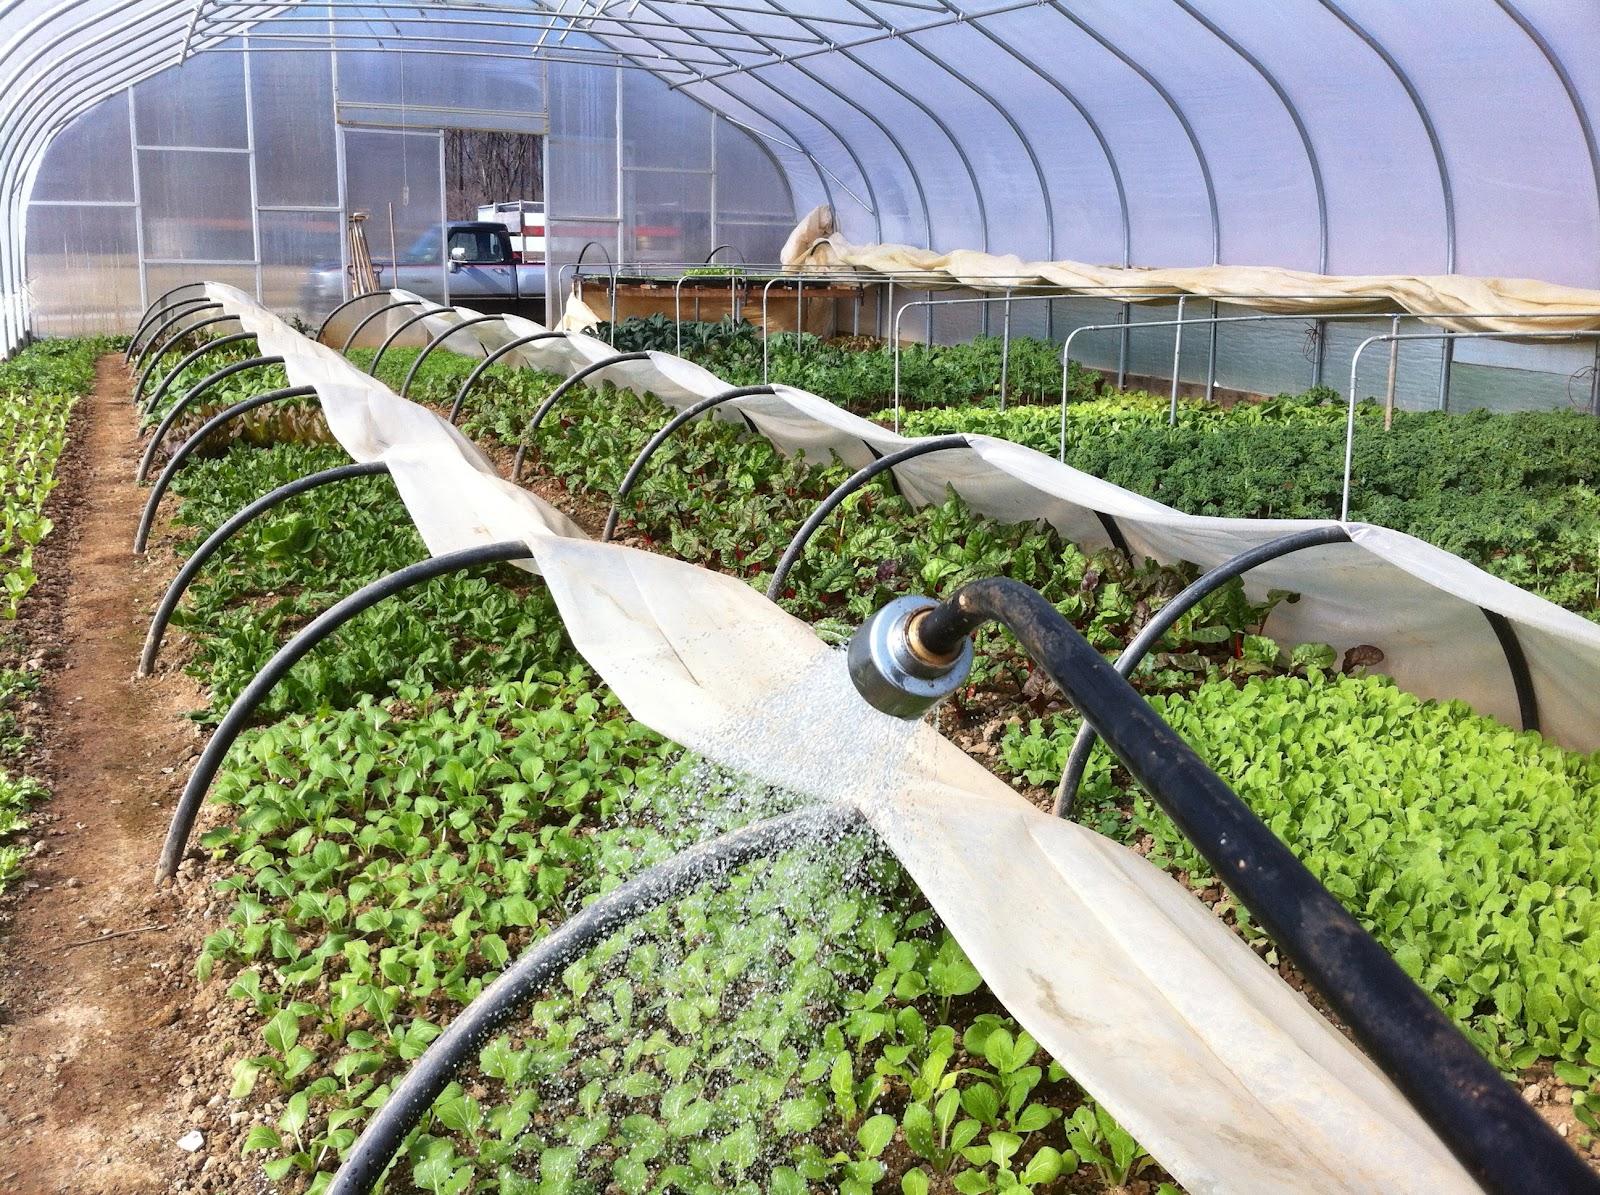 Växthus Odla : Starta en växthusodling